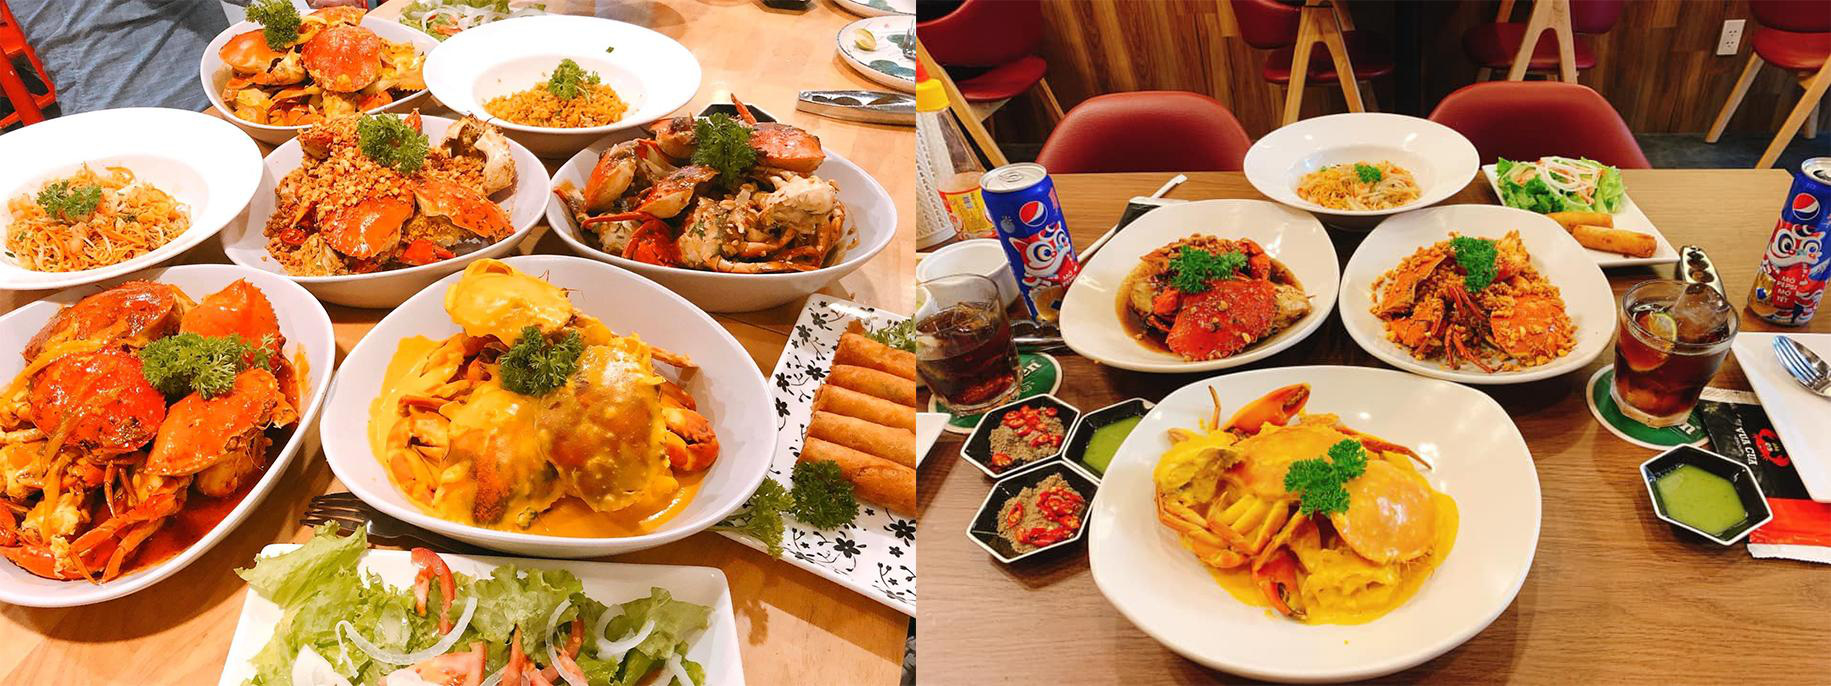 Buffet cua có gì đặc biệt mà thực khách Sài Gòn tấp nập check-in - Ảnh 5.